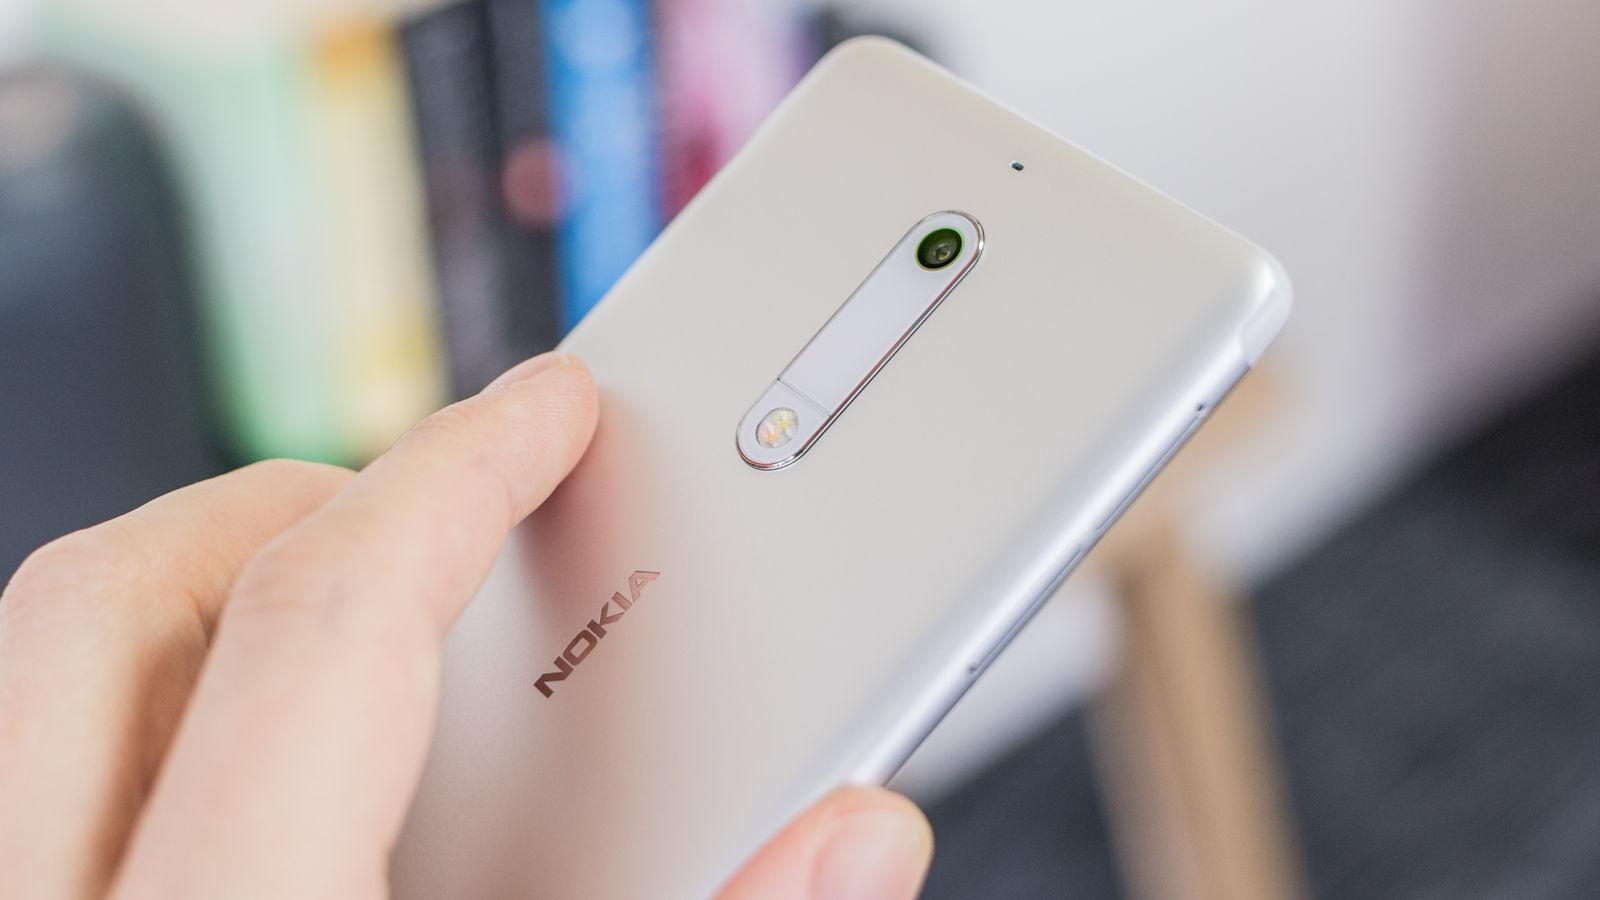 مميزات وعيوب هاتف Nokia المنتمي للفئة المتوسطة منخفضة السعر Nokia 5